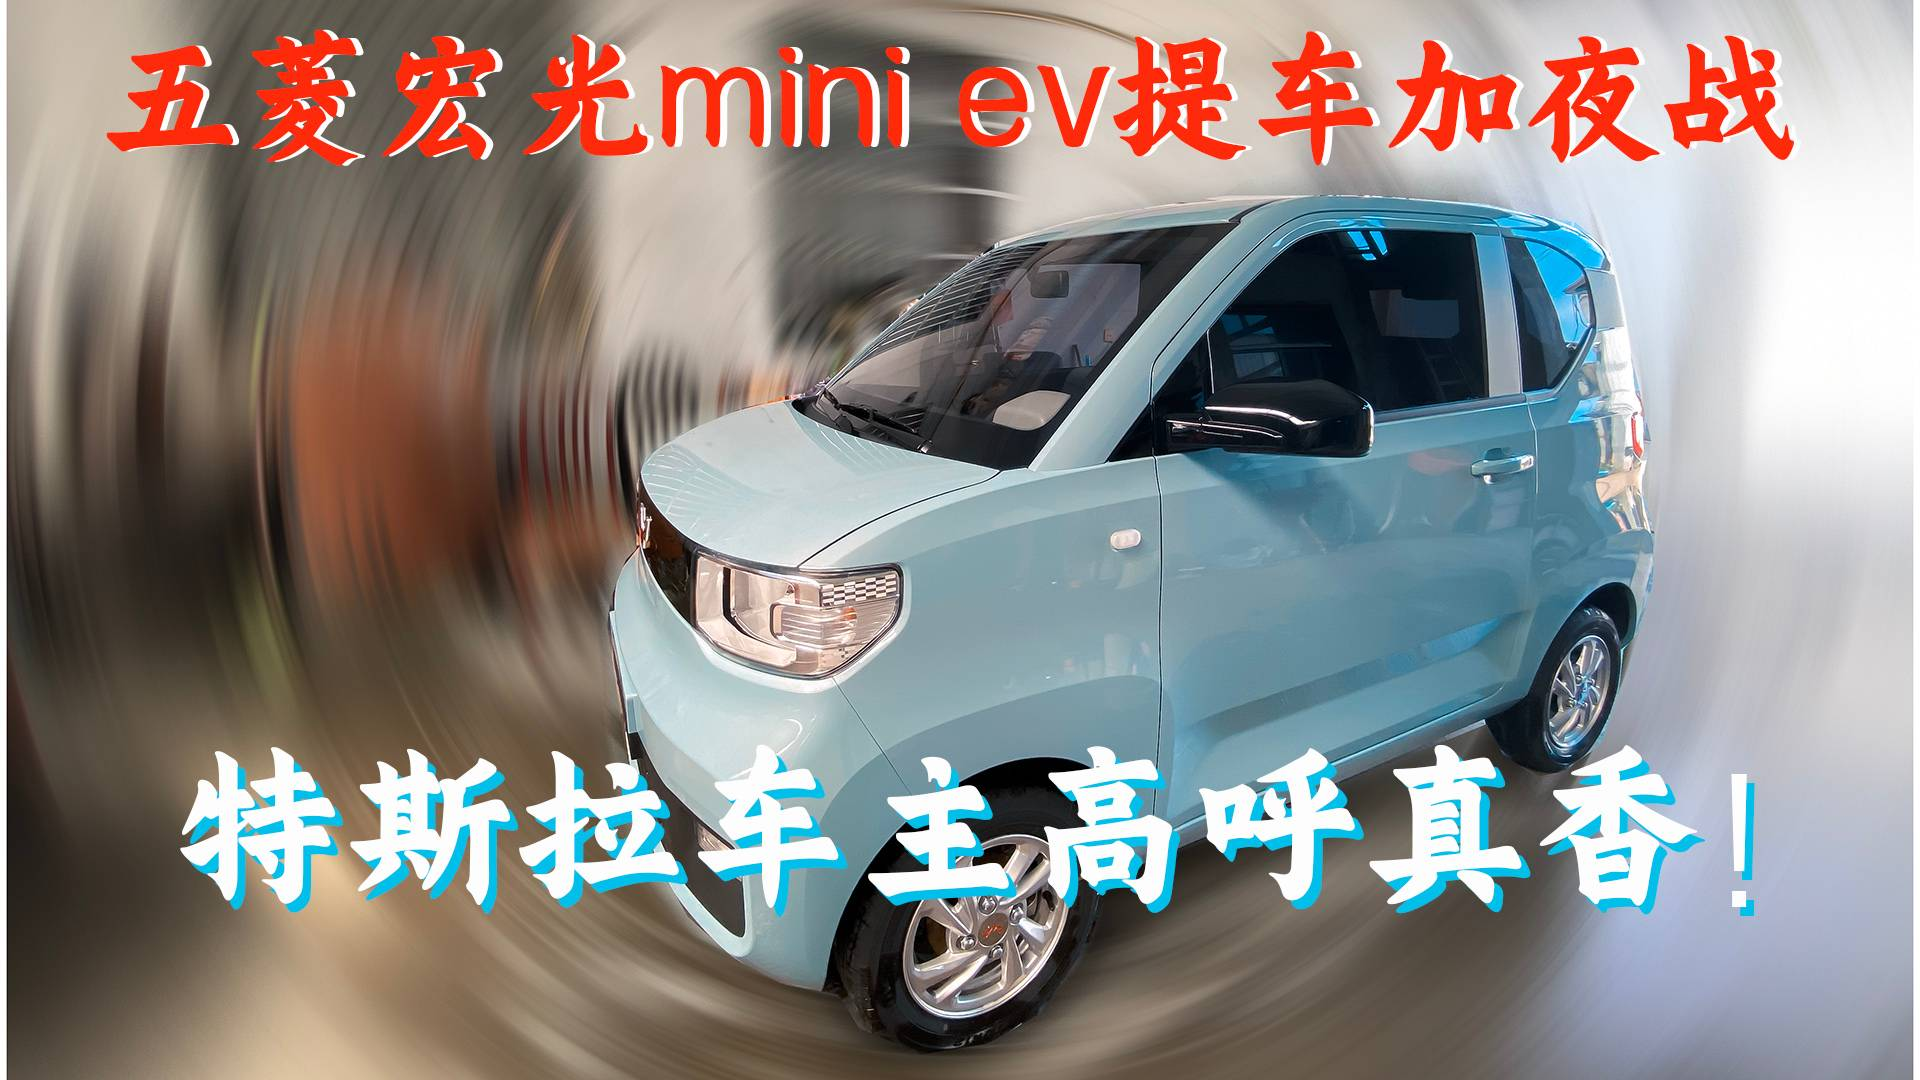 特斯拉车主高呼真香!五菱宏光mini提车加夜战model3!